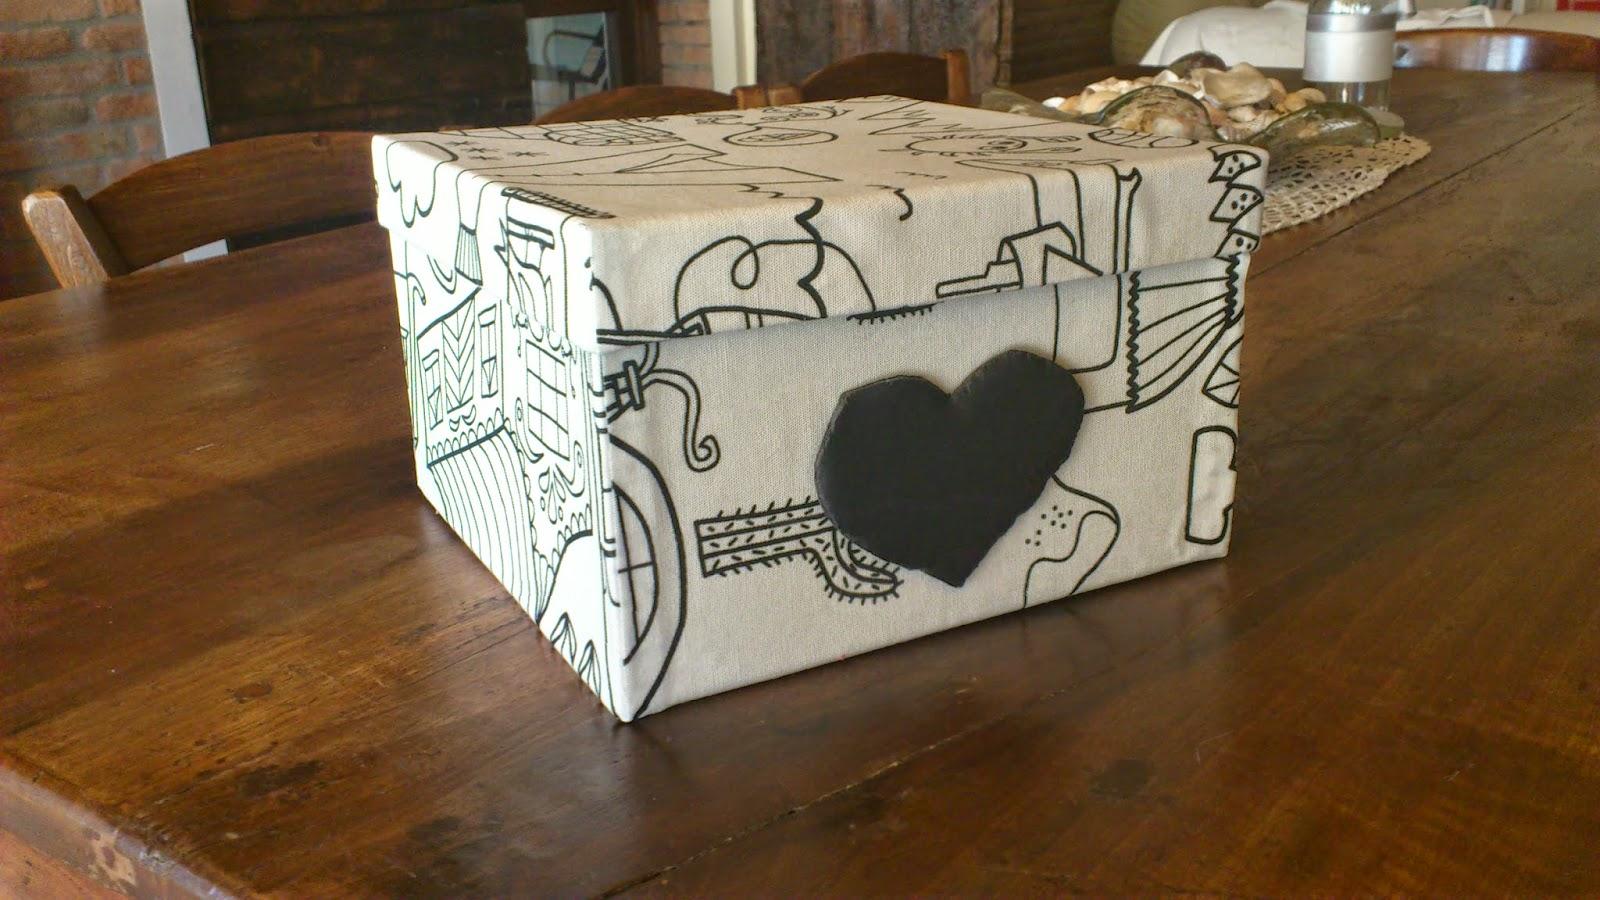 Le clementine come riciclare una scatola for Foderare una scatola